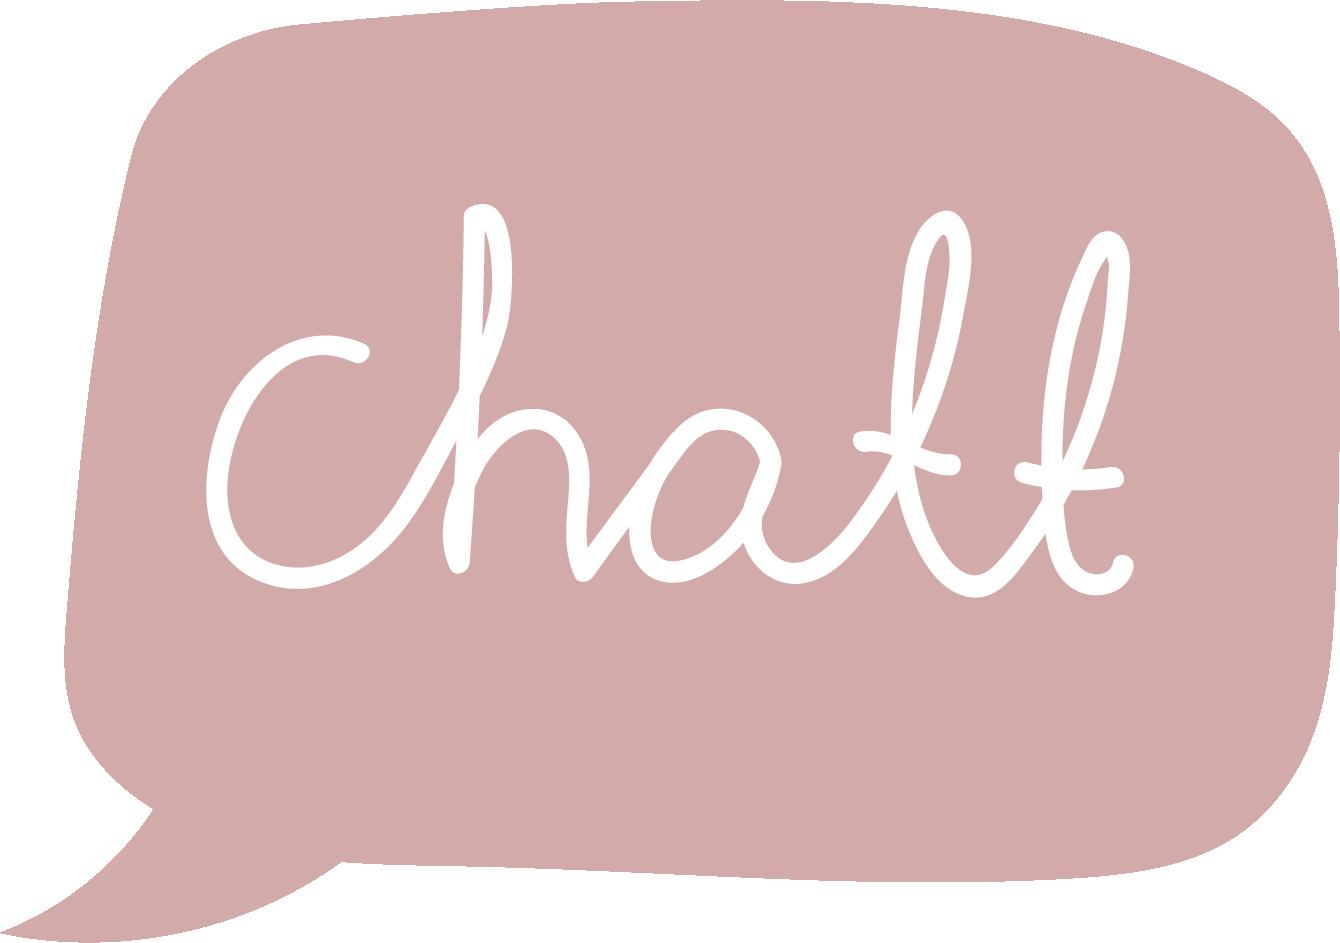 chatt_2